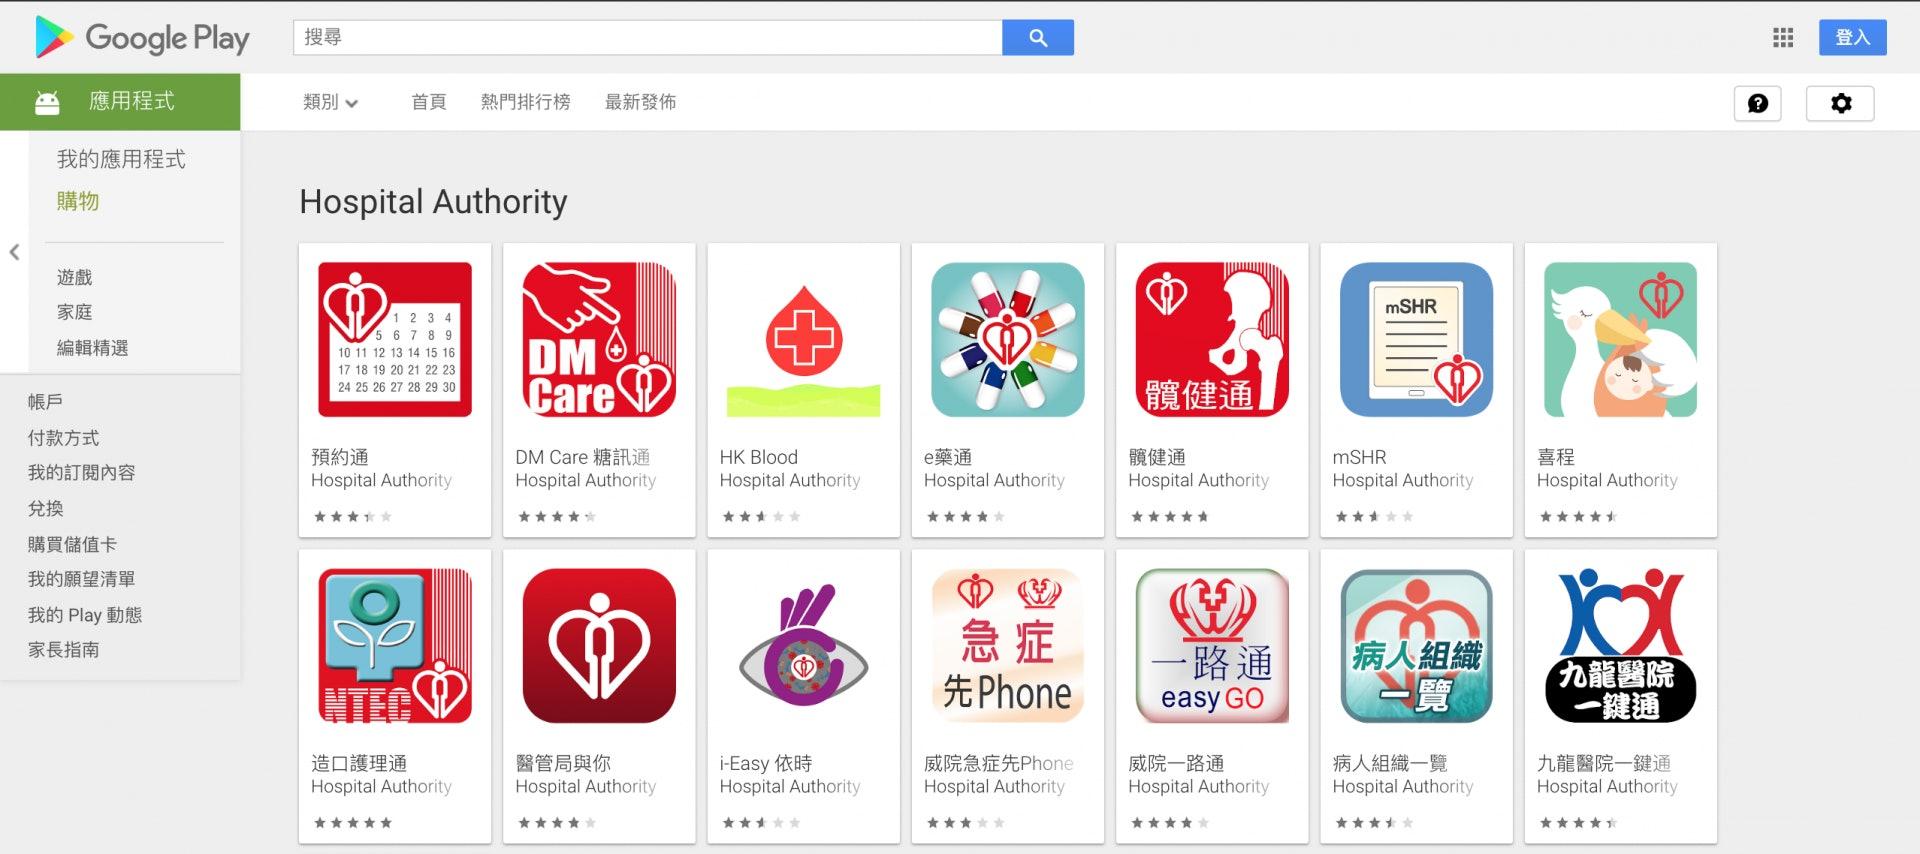 醫管局共推出14個手機應用程式,部分功能程式。(網站截圖)